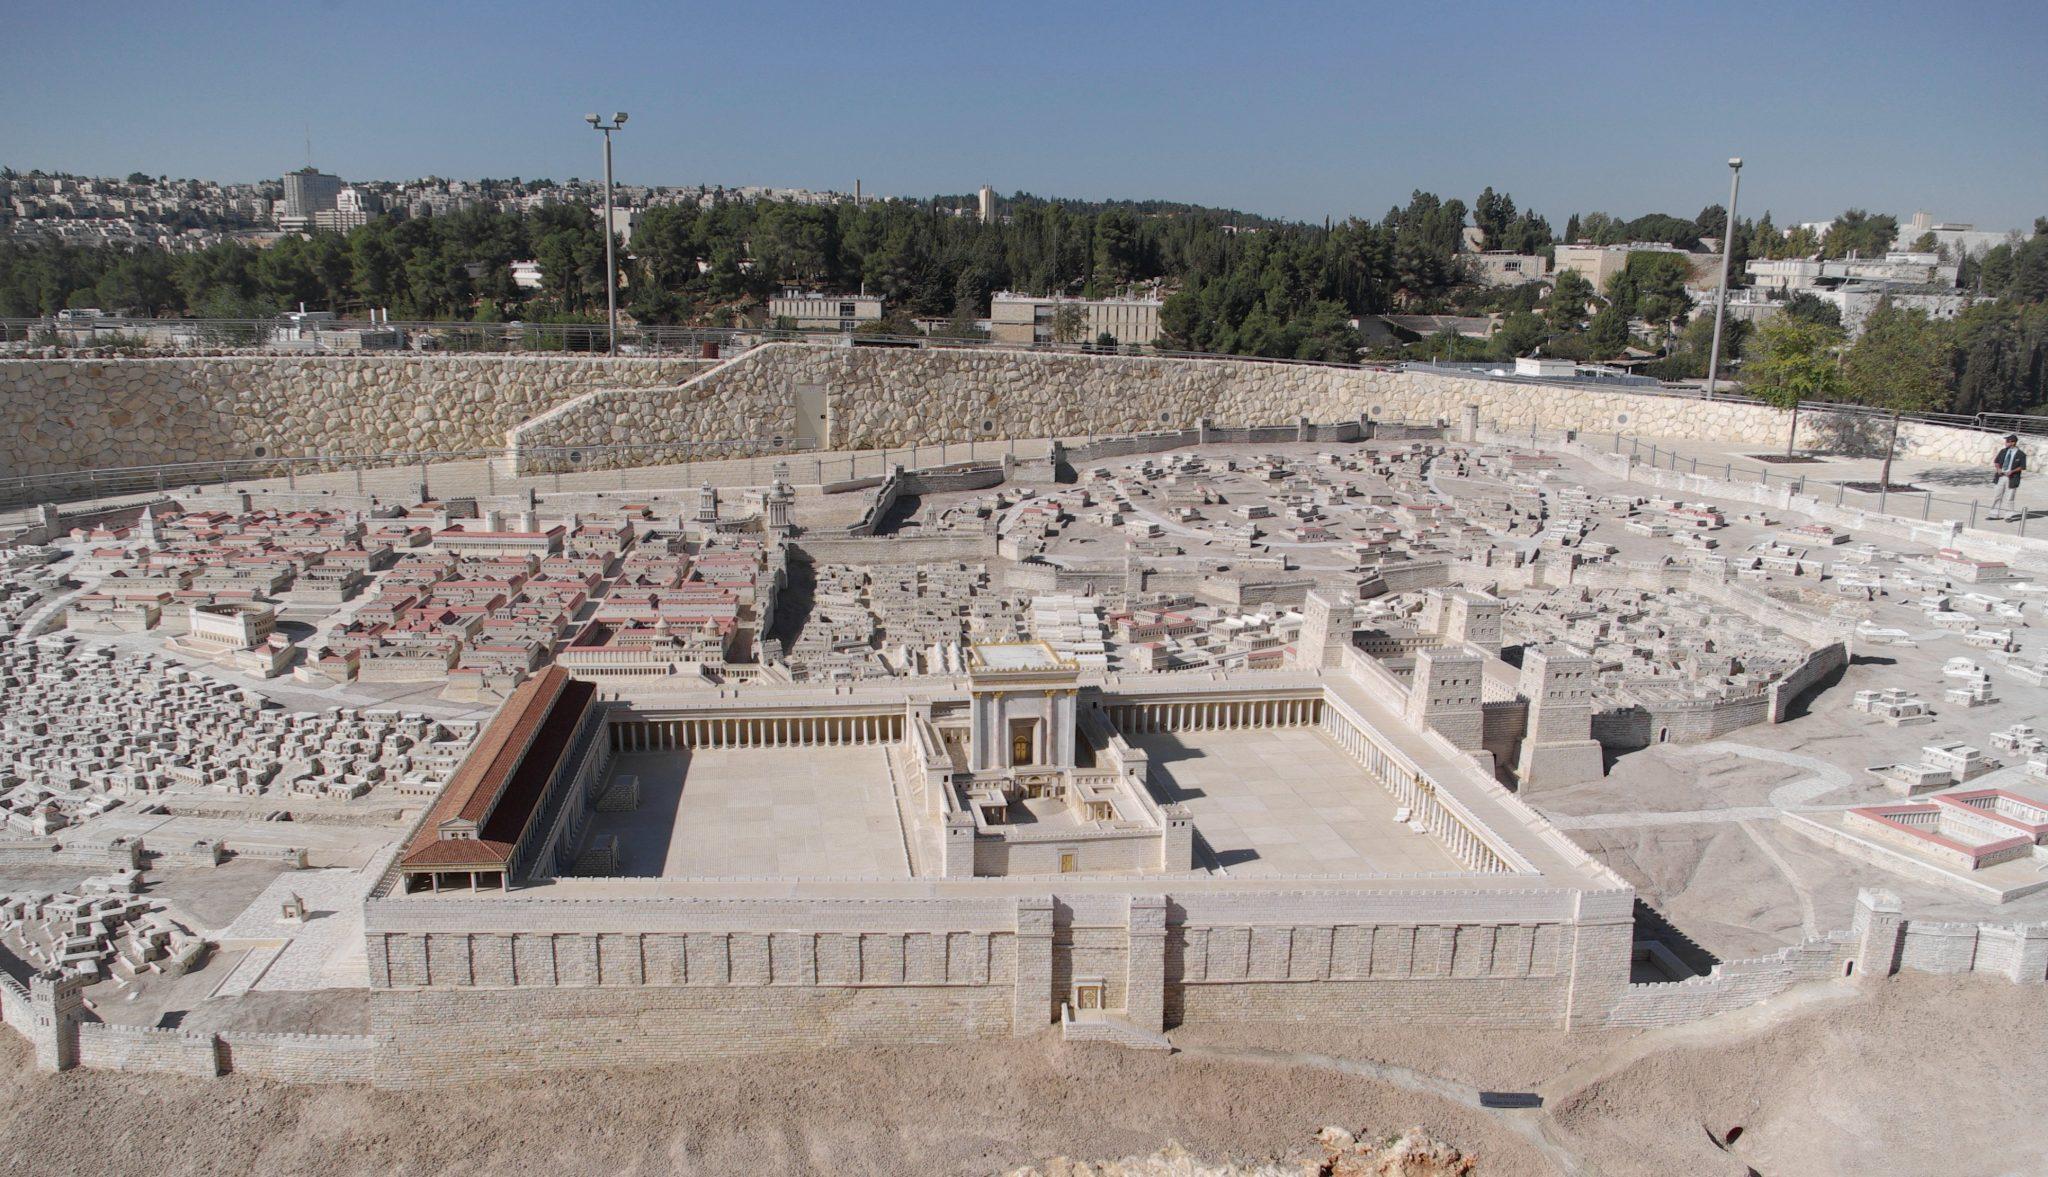 Delle Crocevia Religioni Comunque Gerusalemme Viaggiare mvwN08nO